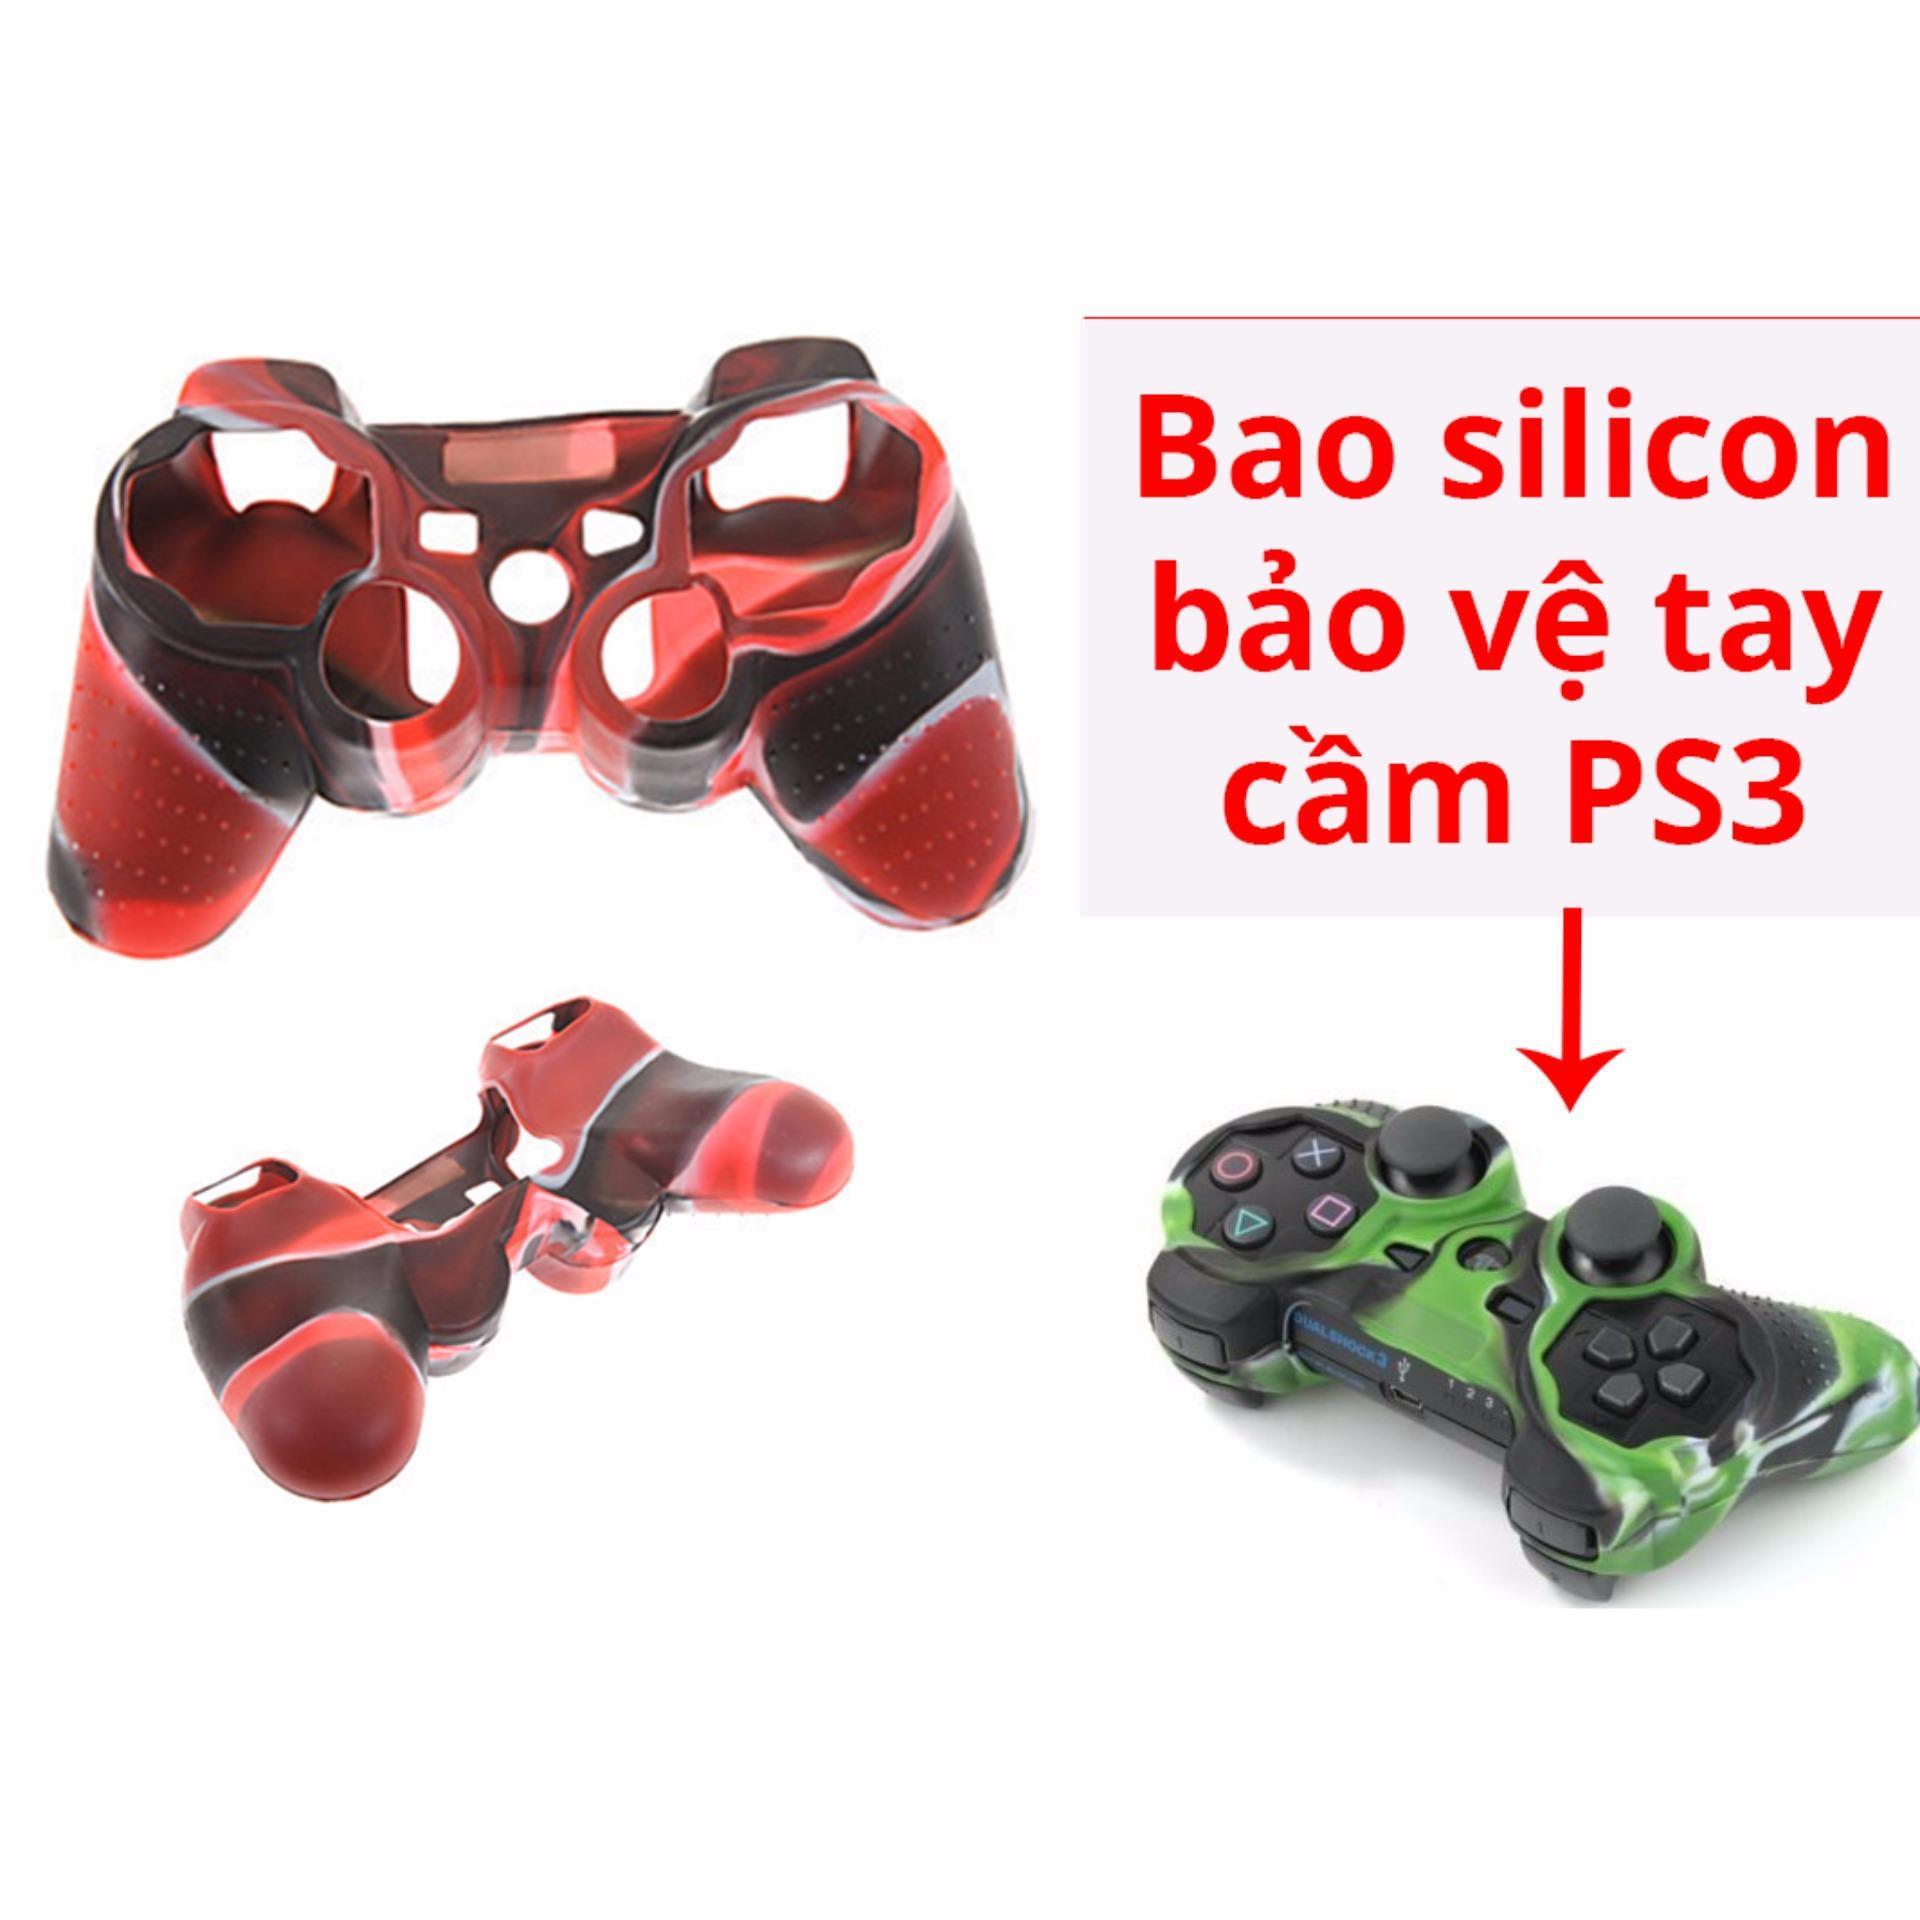 Bao silicon bảo vệ tay cầm chơi game PS3 Nhật Bản